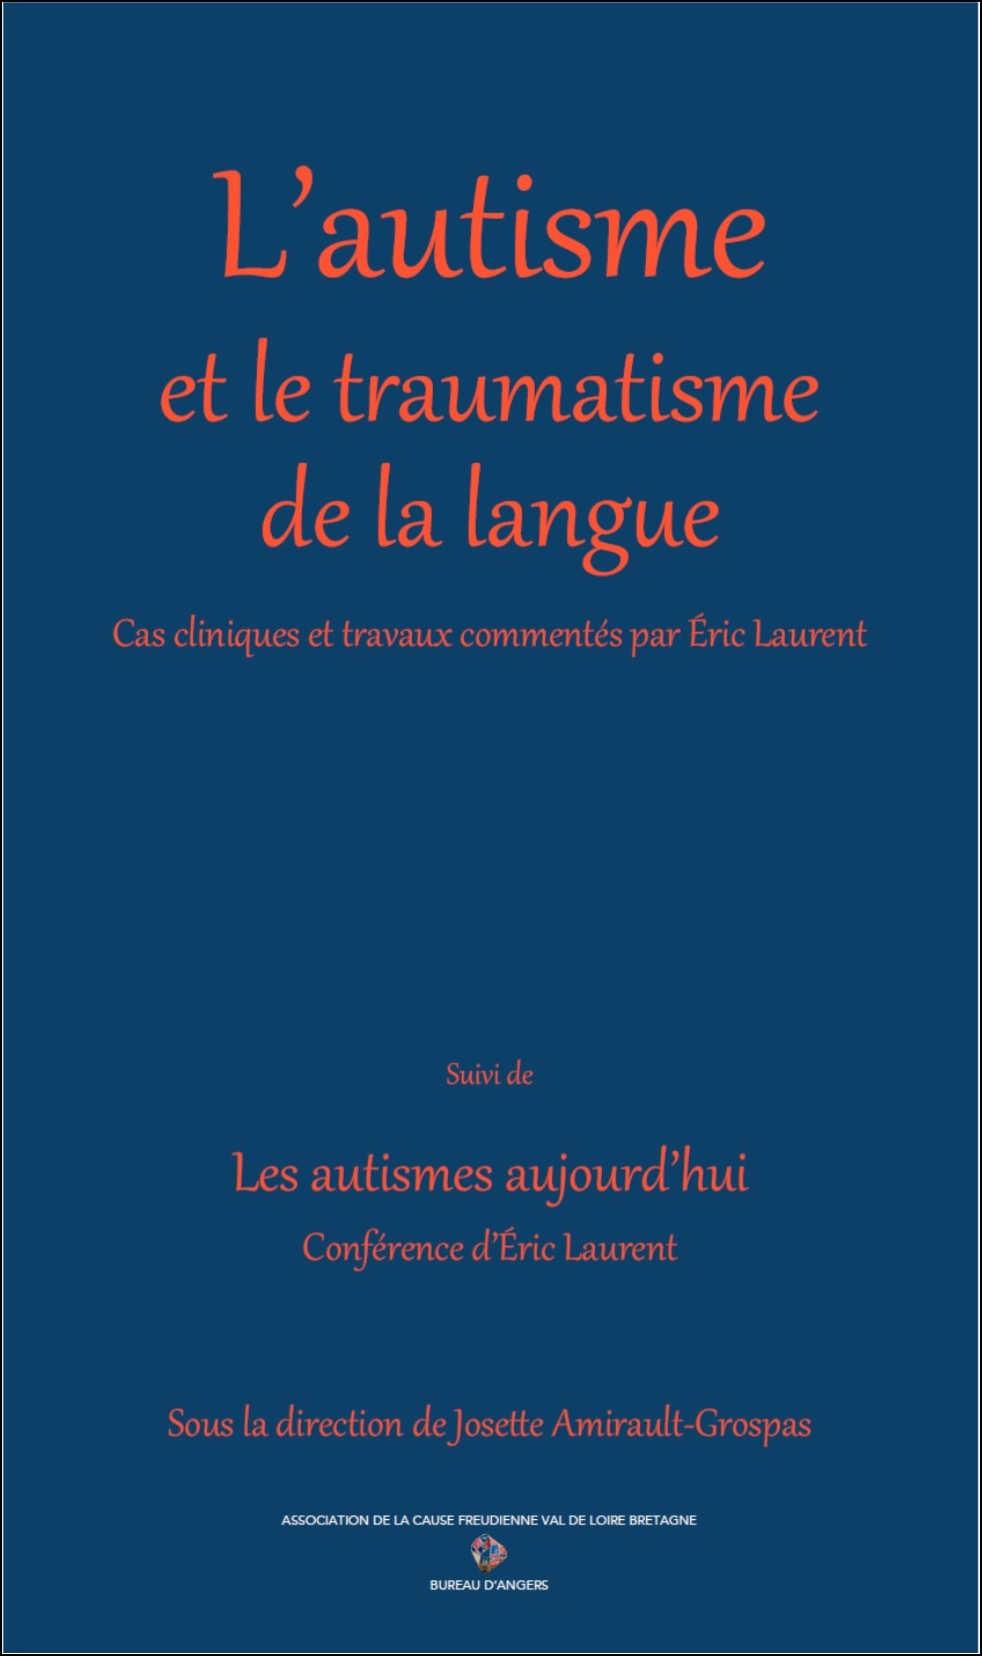 L'autisme et le traumatisme de la langue.